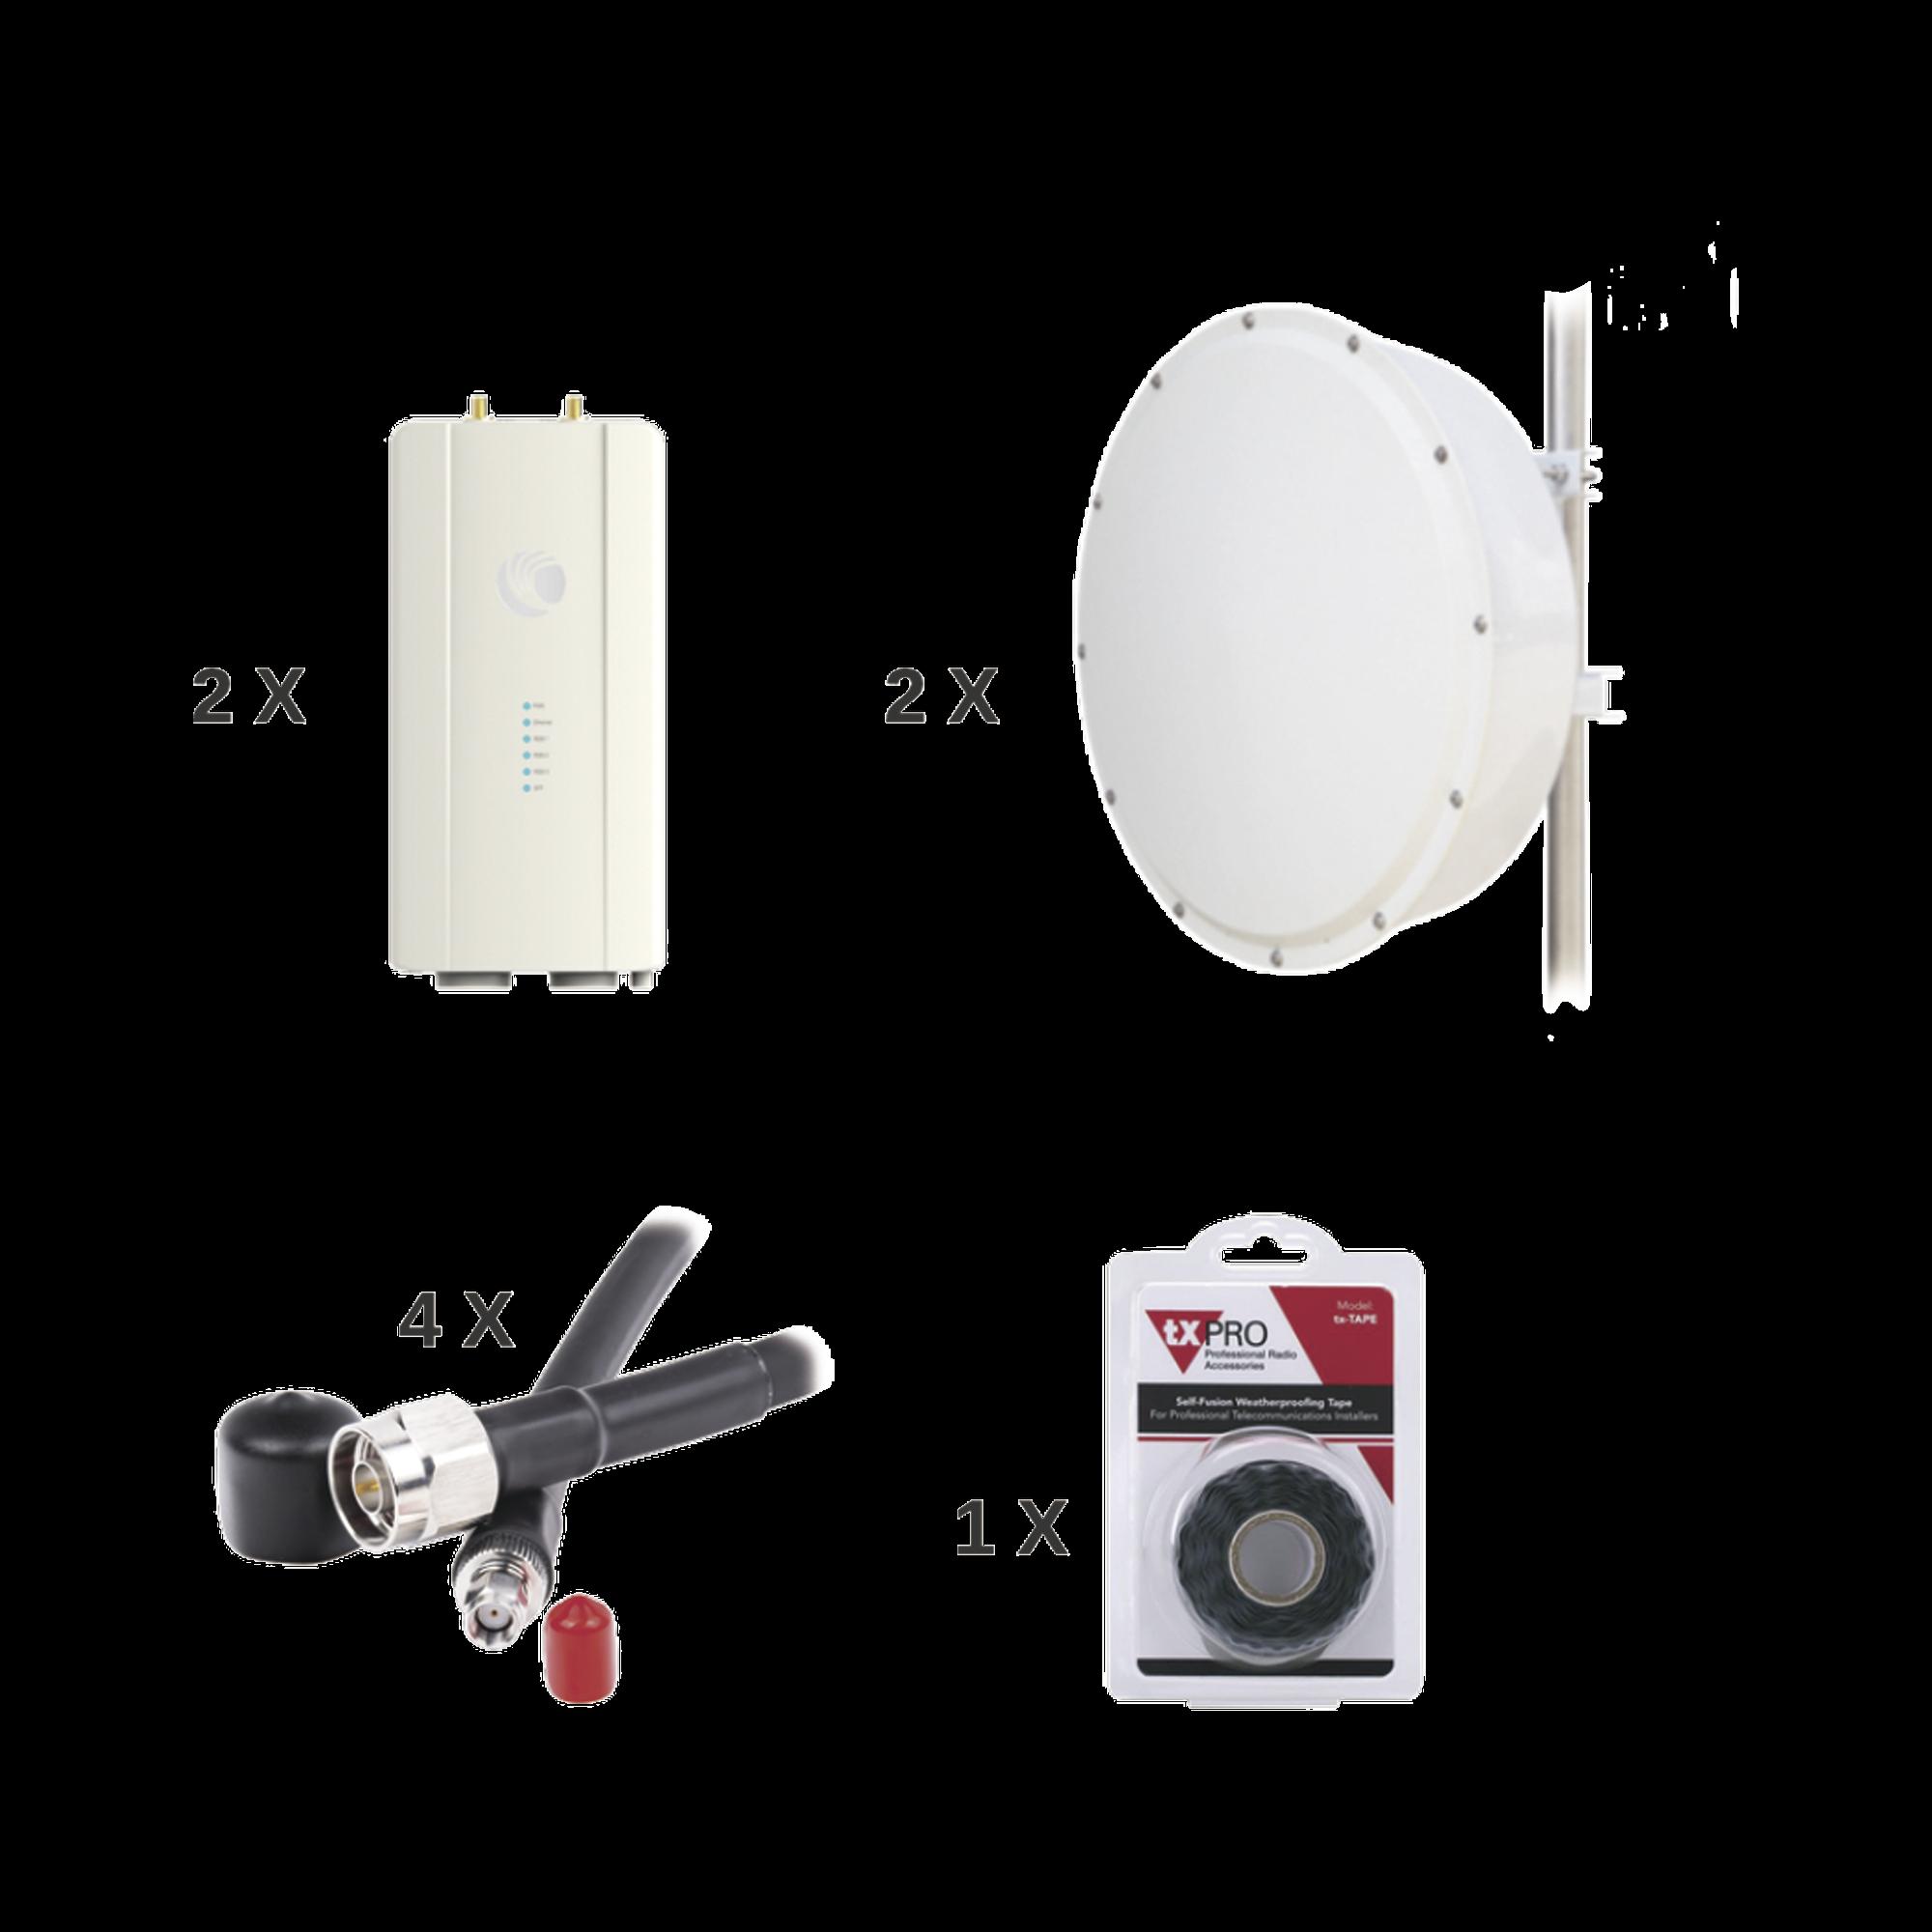 Enlace completo de 2 radios FORCE400C con antenas TXP-4965-30PB2-KIT (30 dBi), rango de frecuencia extendida (4.9 a 6.2 GHz)